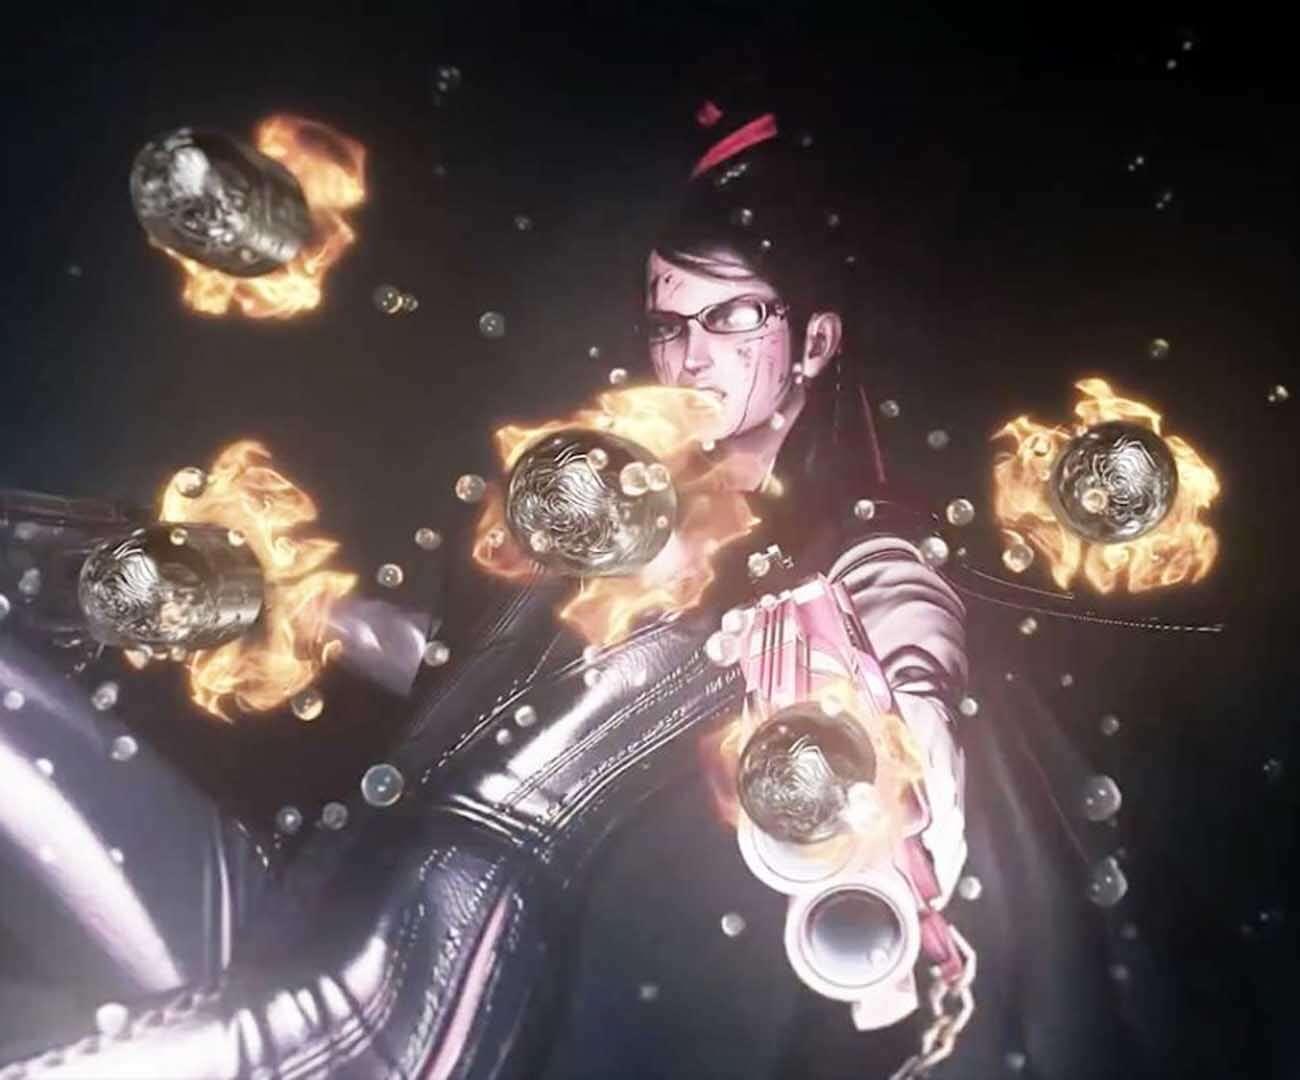 Premiera Bayonetta 3 jednak się odbędzie